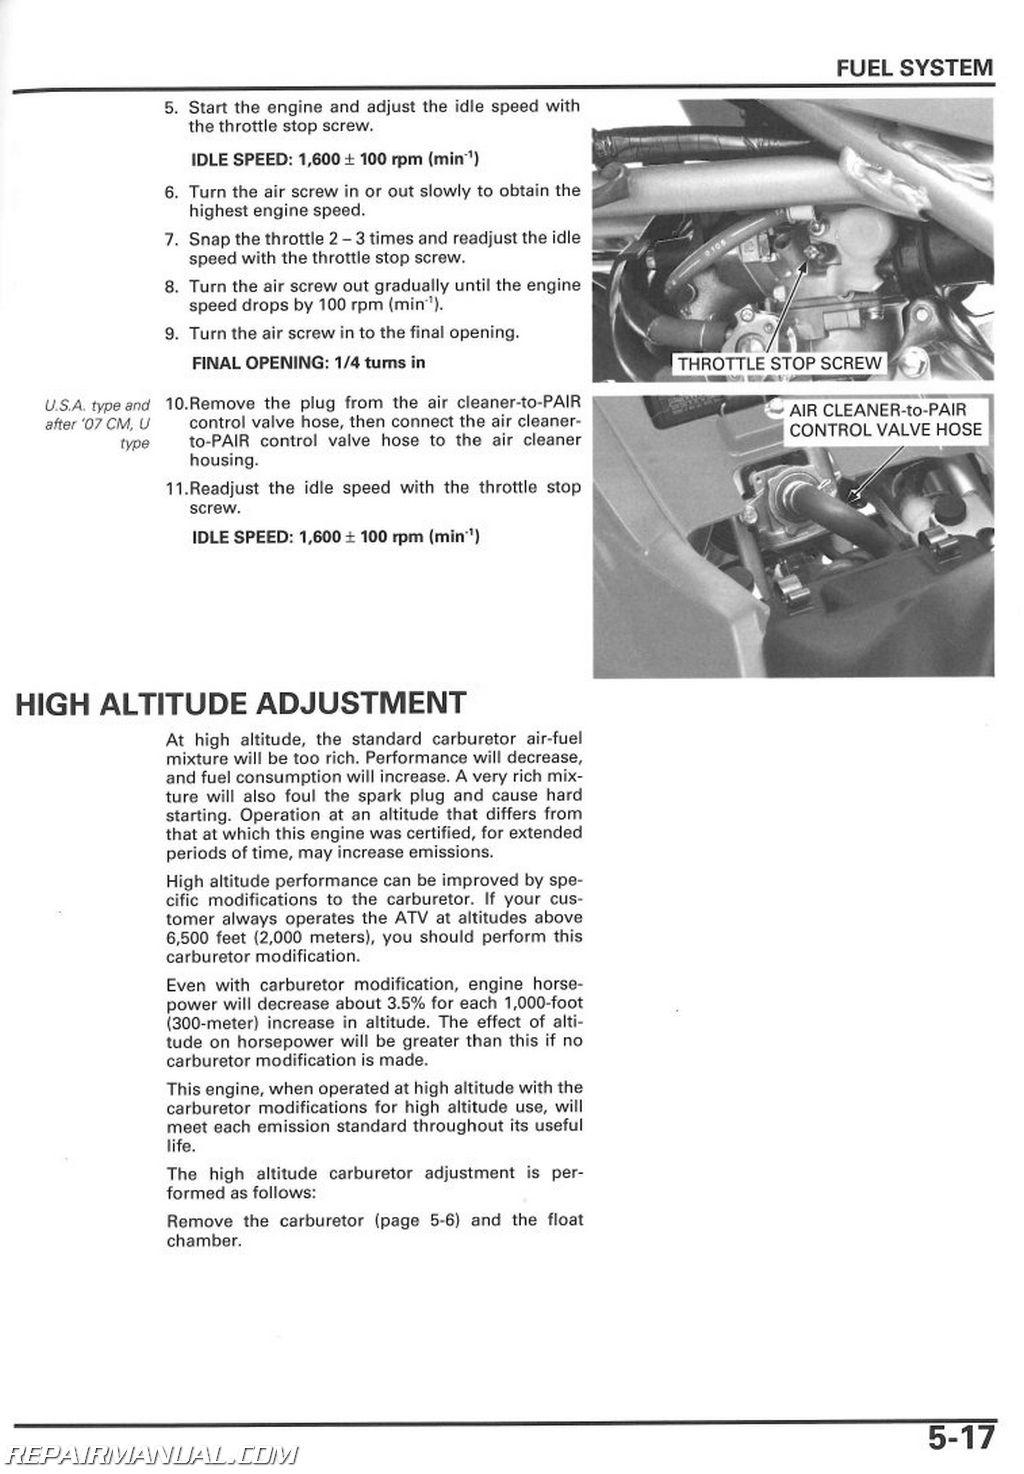 Honda Motorcycle Repair Manuals